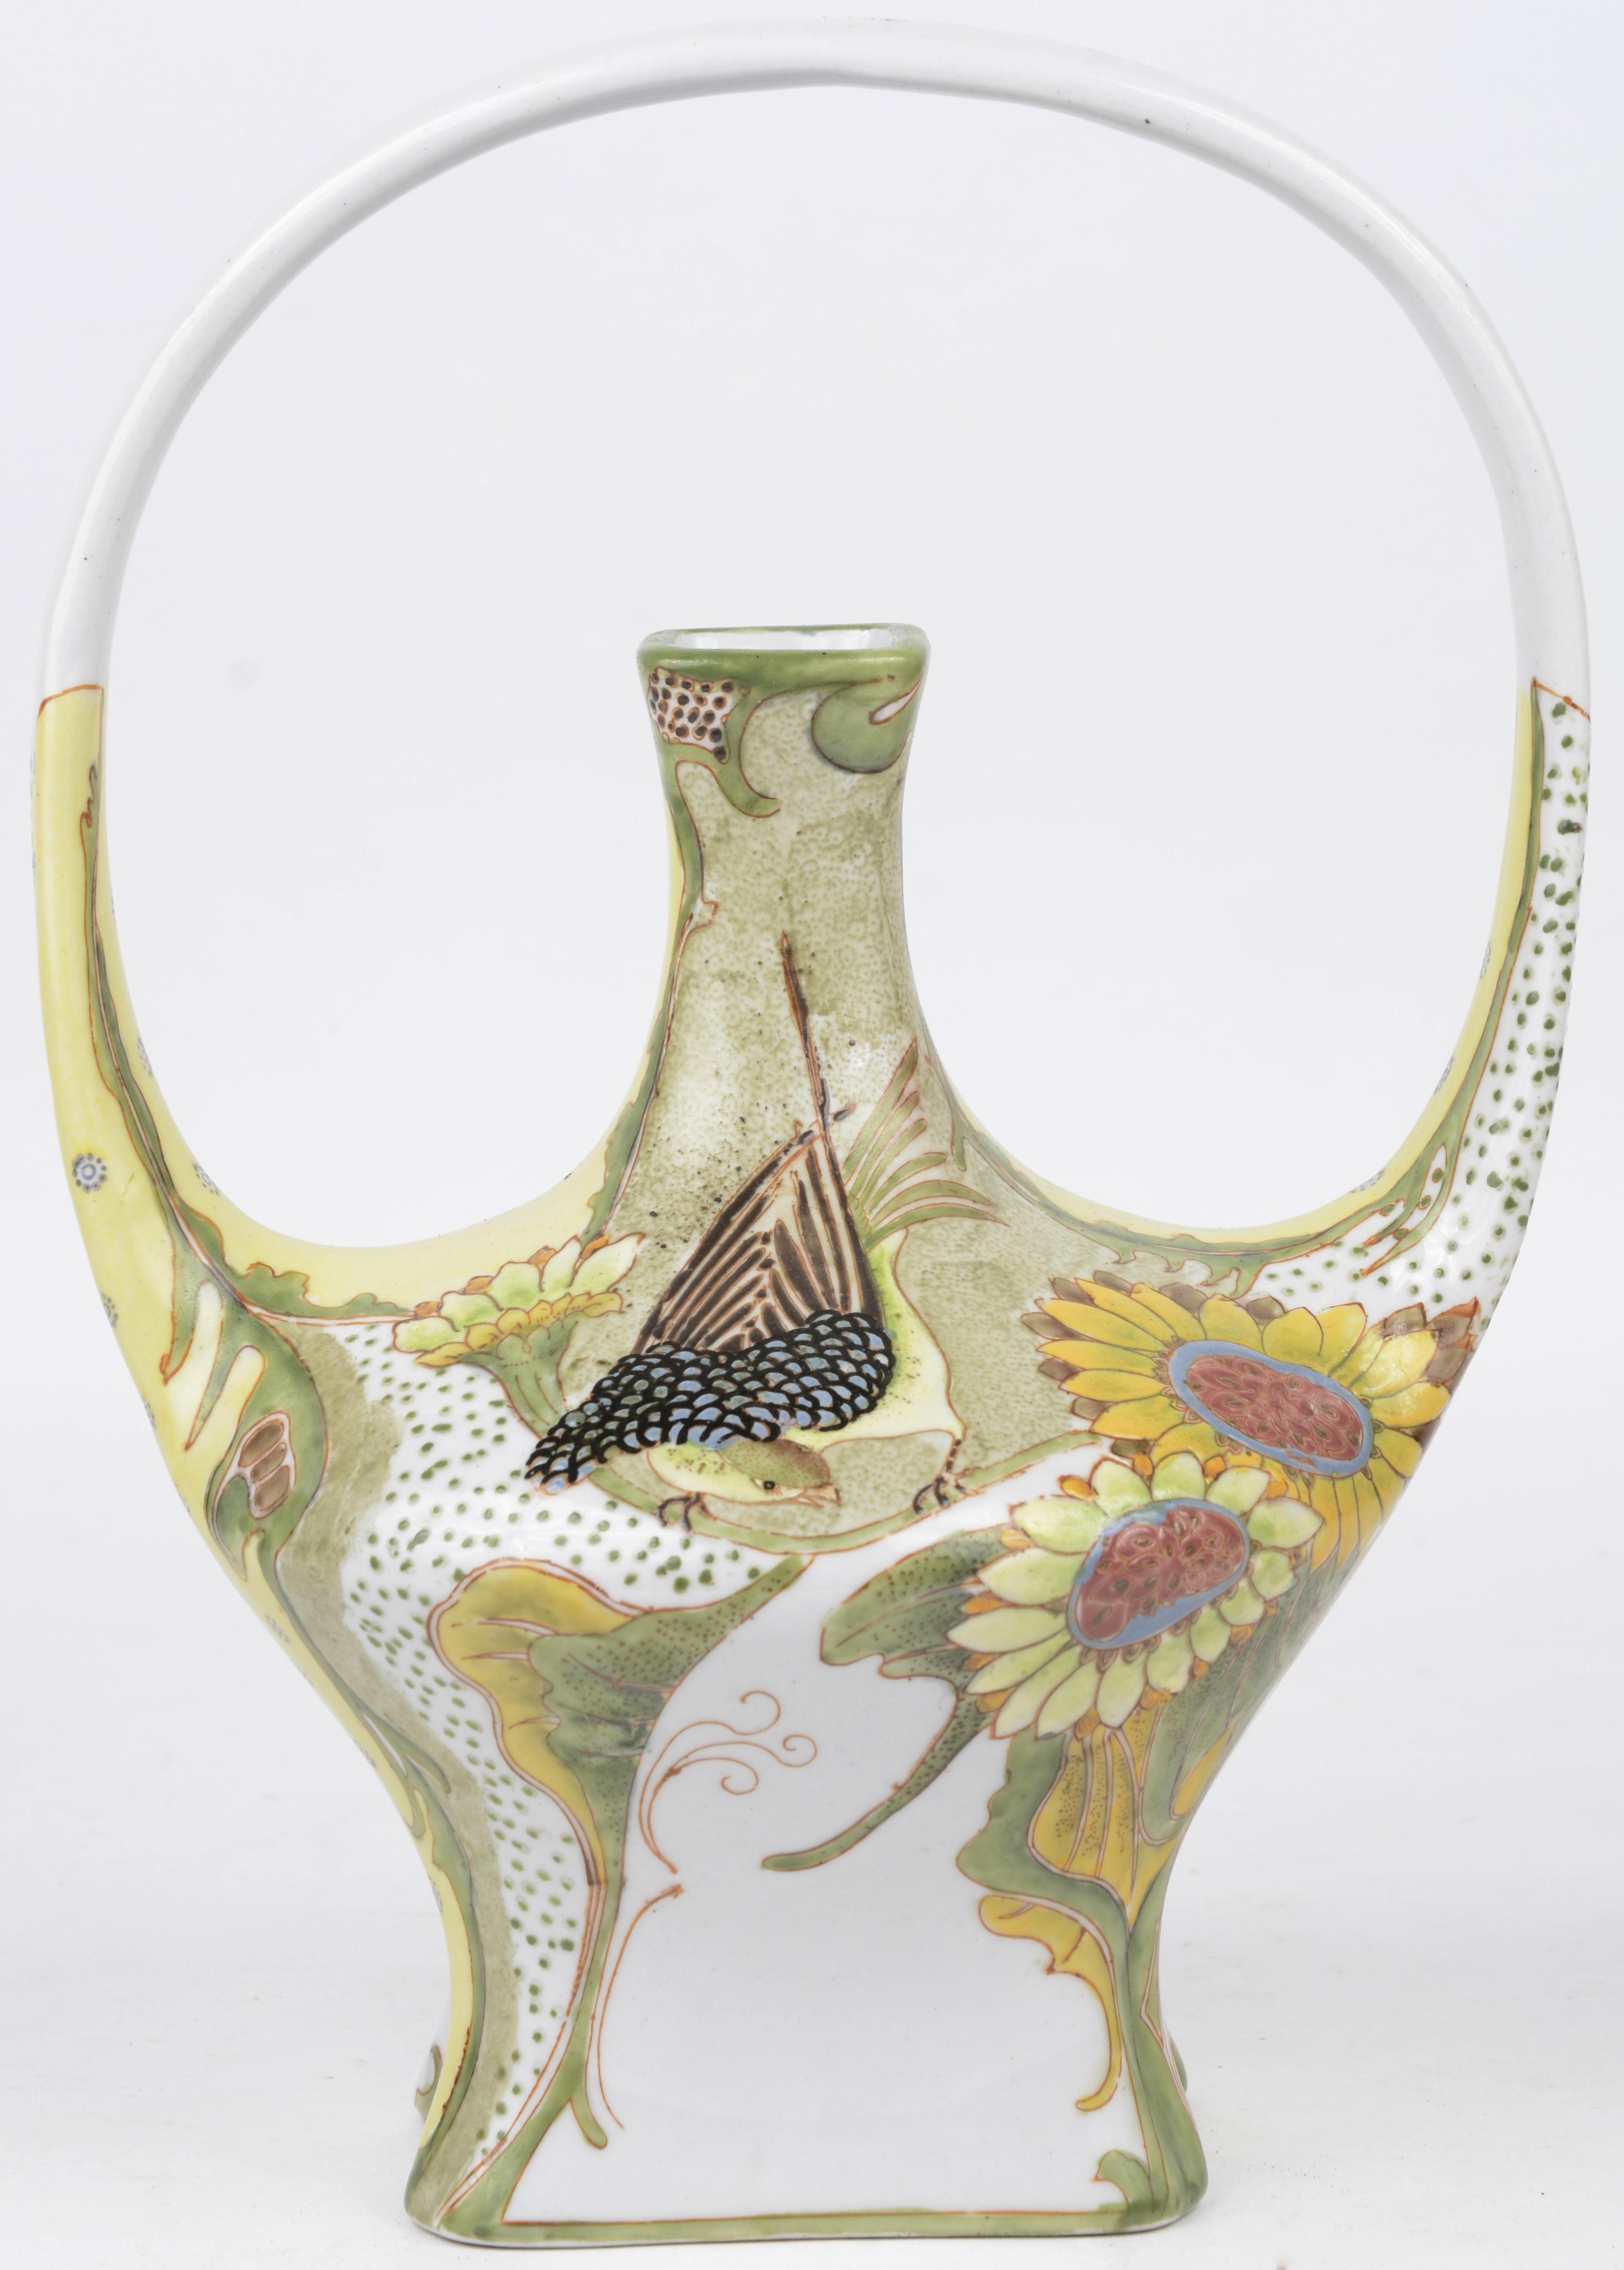 Een vaasje van meerkleurig porselein in art nouveaustijl met een decor van bloemen en vogels. Naar een model van Colenbrander.